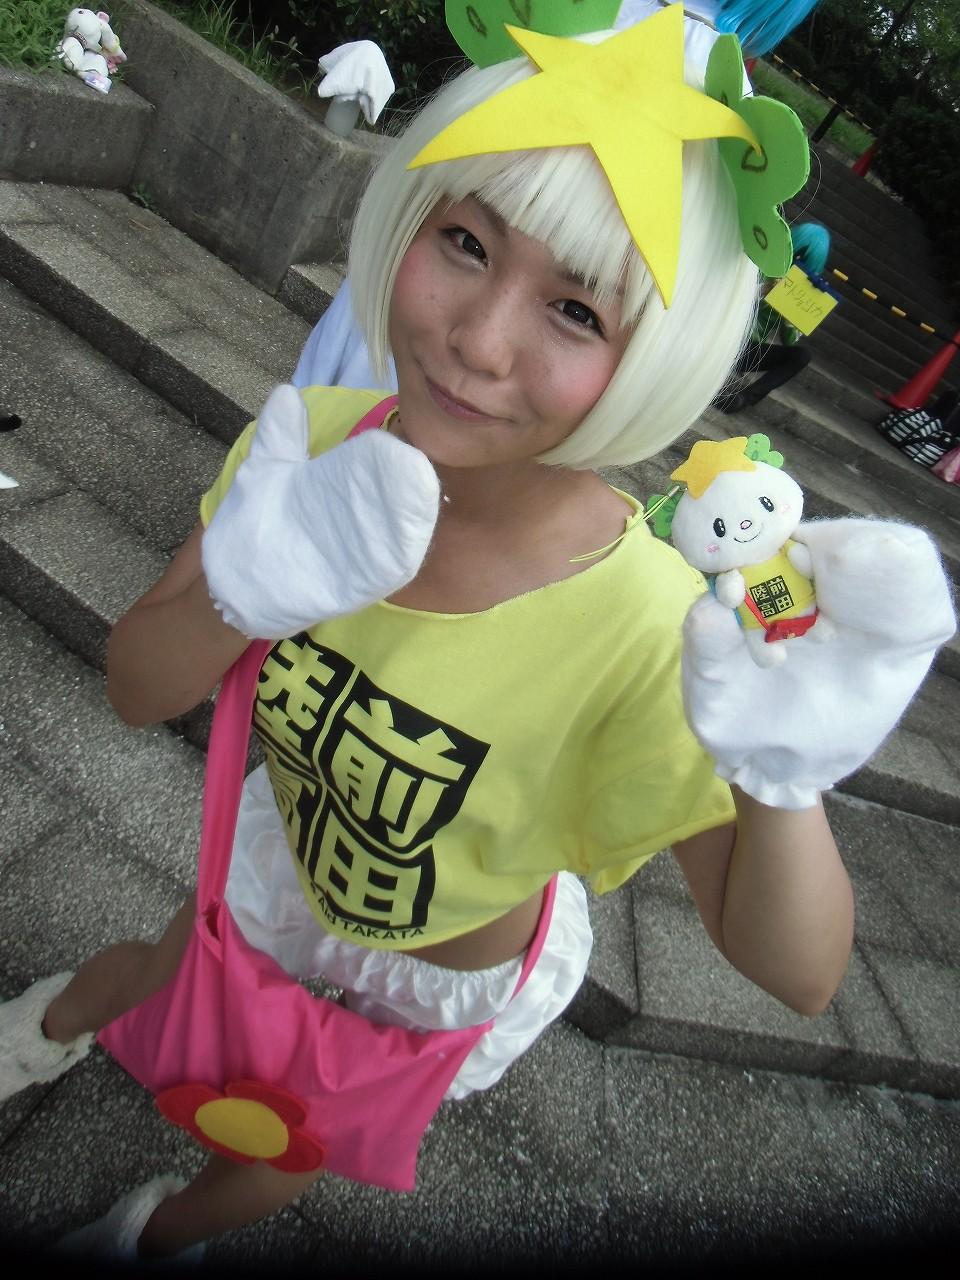 たかたのゆめちゃん (岩手県陸前高田市のマスコットキャラクター ゆるキャラ) C86 コミケ コスプレ03